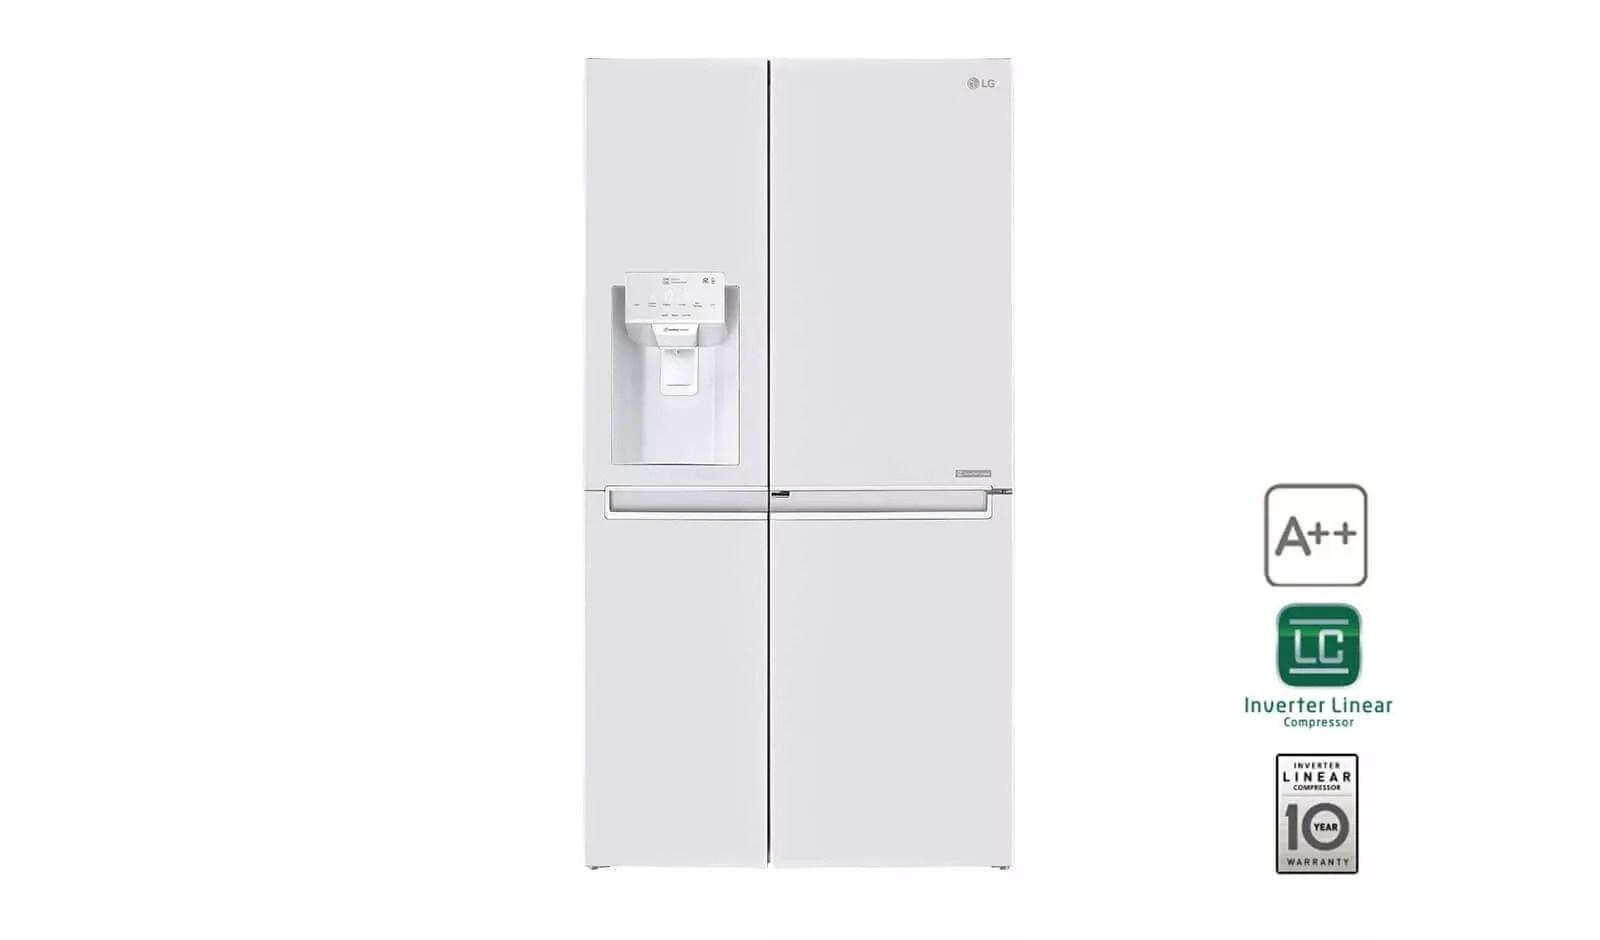 Side By Side Kühlschrank Ohne Wasseranschluss : Kühlschrank wasseranschluss kühlschrank ohne festwasseranschluss